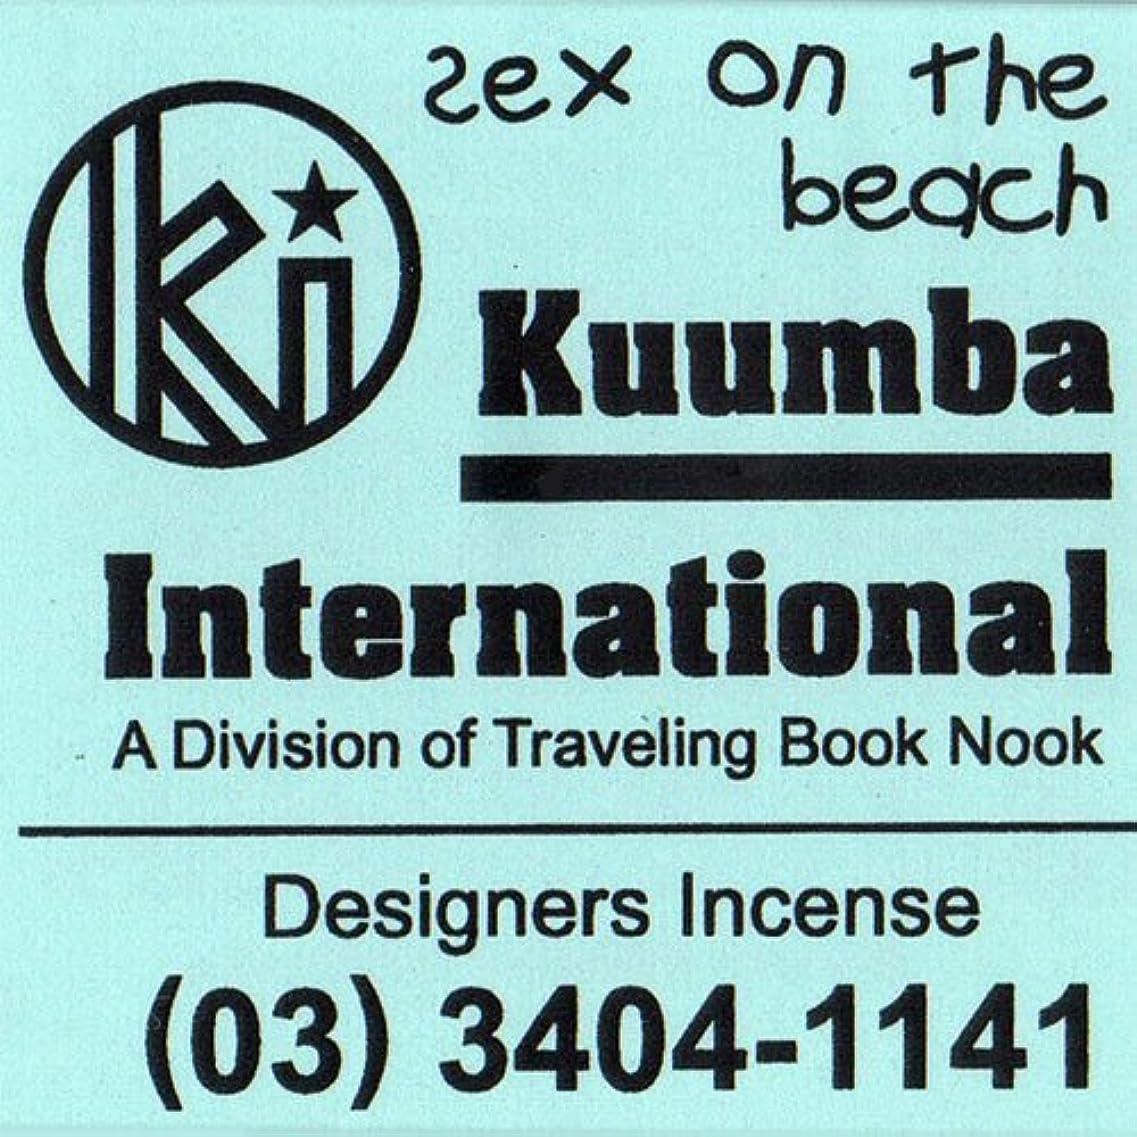 統計バリケード批判KUUMBA / クンバ『incense』(SEX ON THE BEACH) (Regular size)